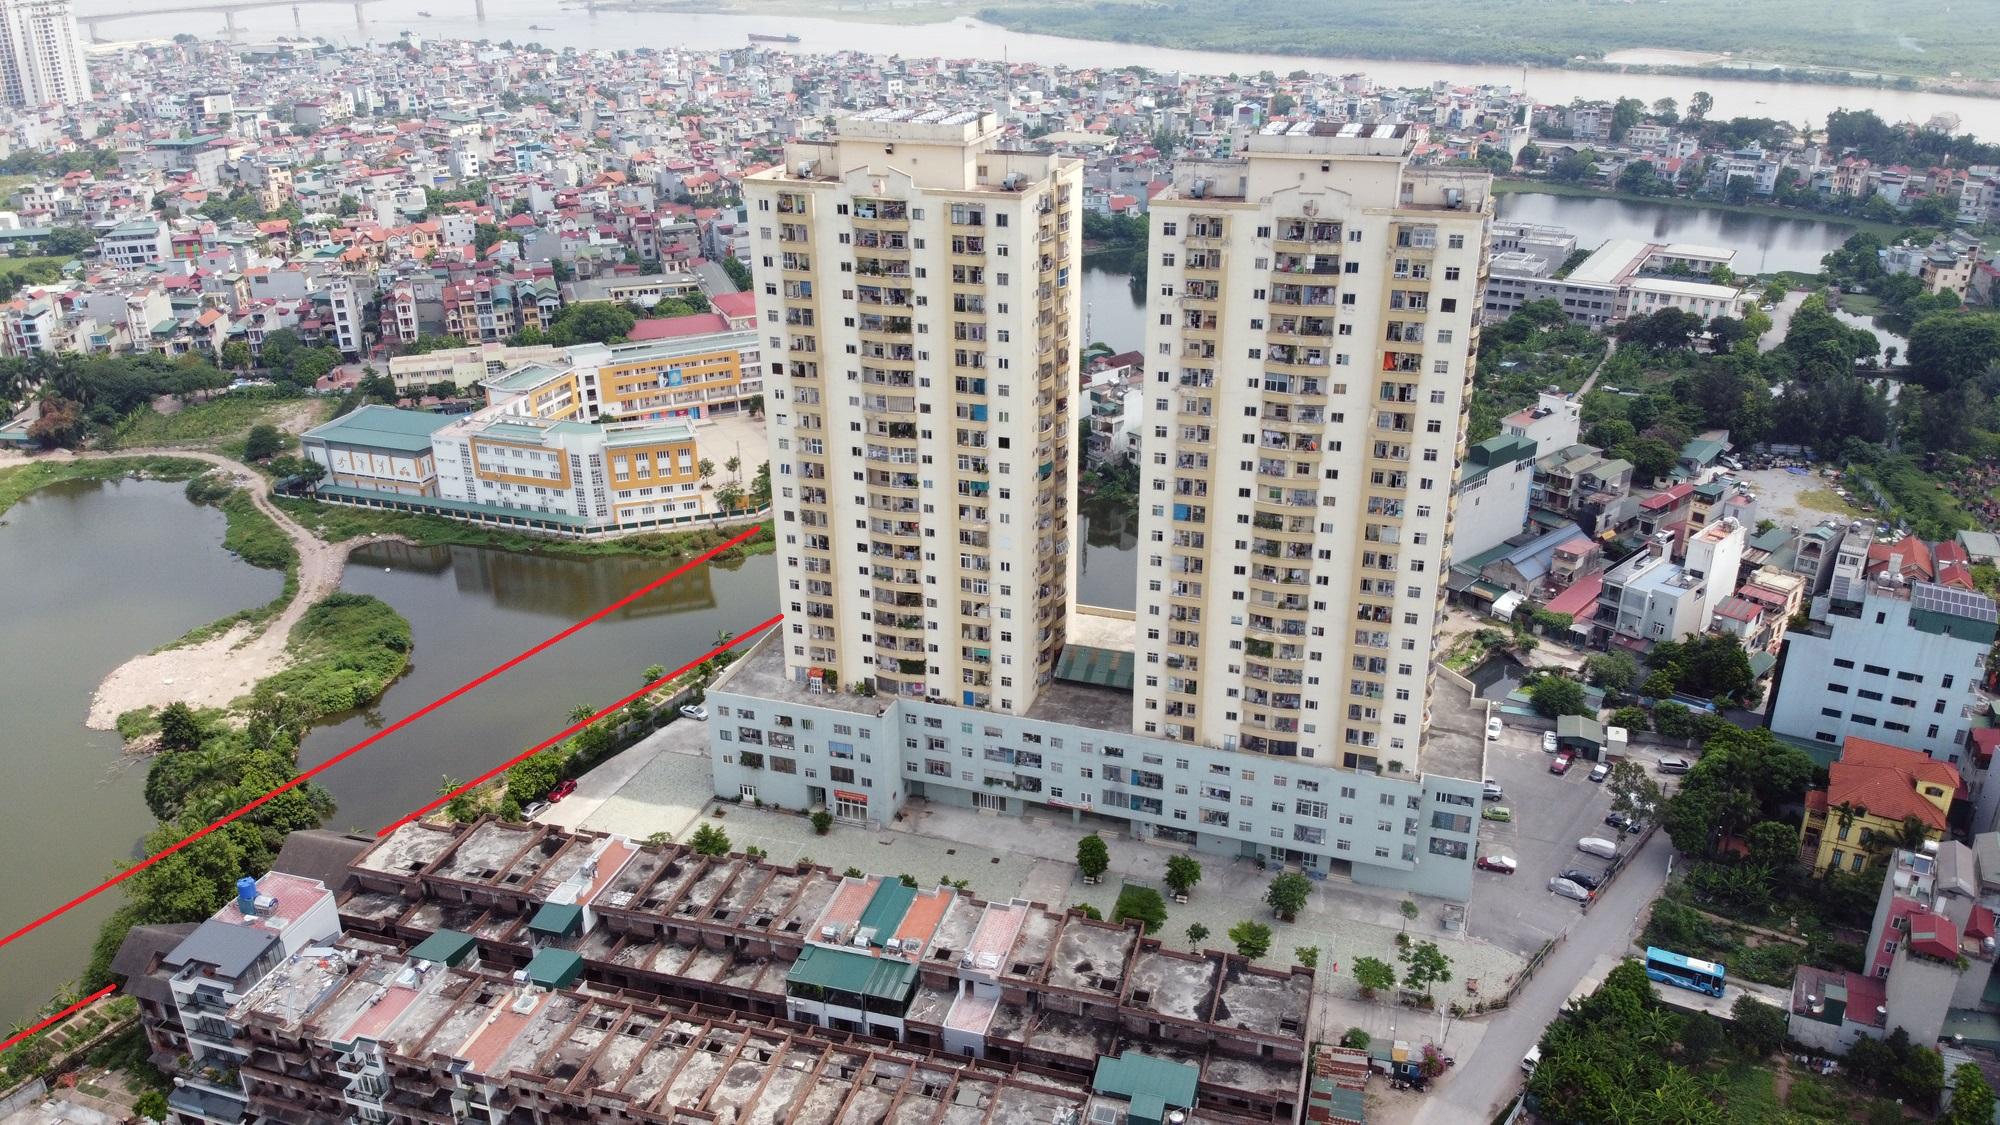 đường sẽ mở theo qui hoạch ở phường Thanh Trì, Hoàng Mai, Hà Nội - Ảnh 4.